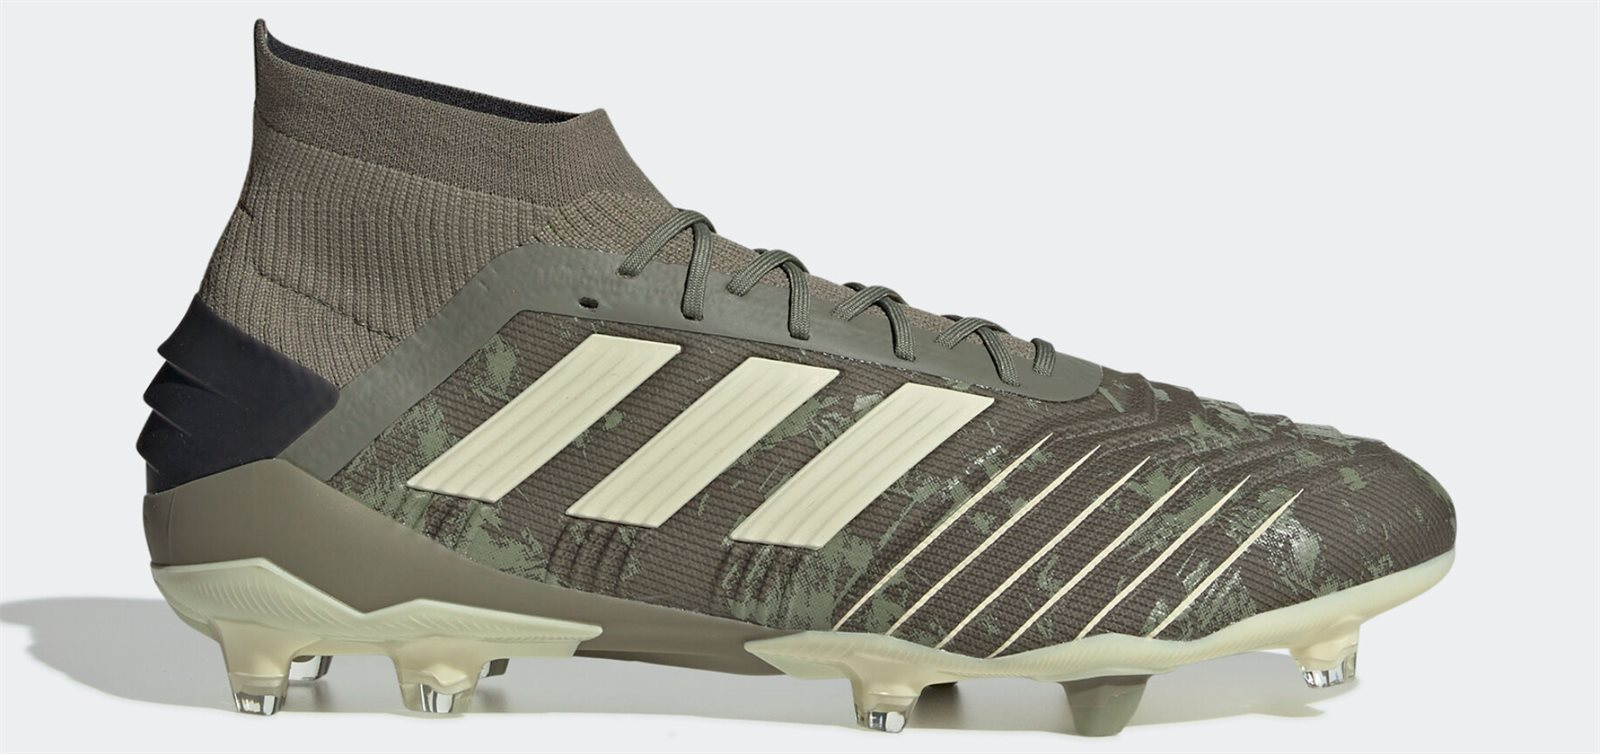 Brandneue Low Cut Adidas Predator 20 Fußballschuhe